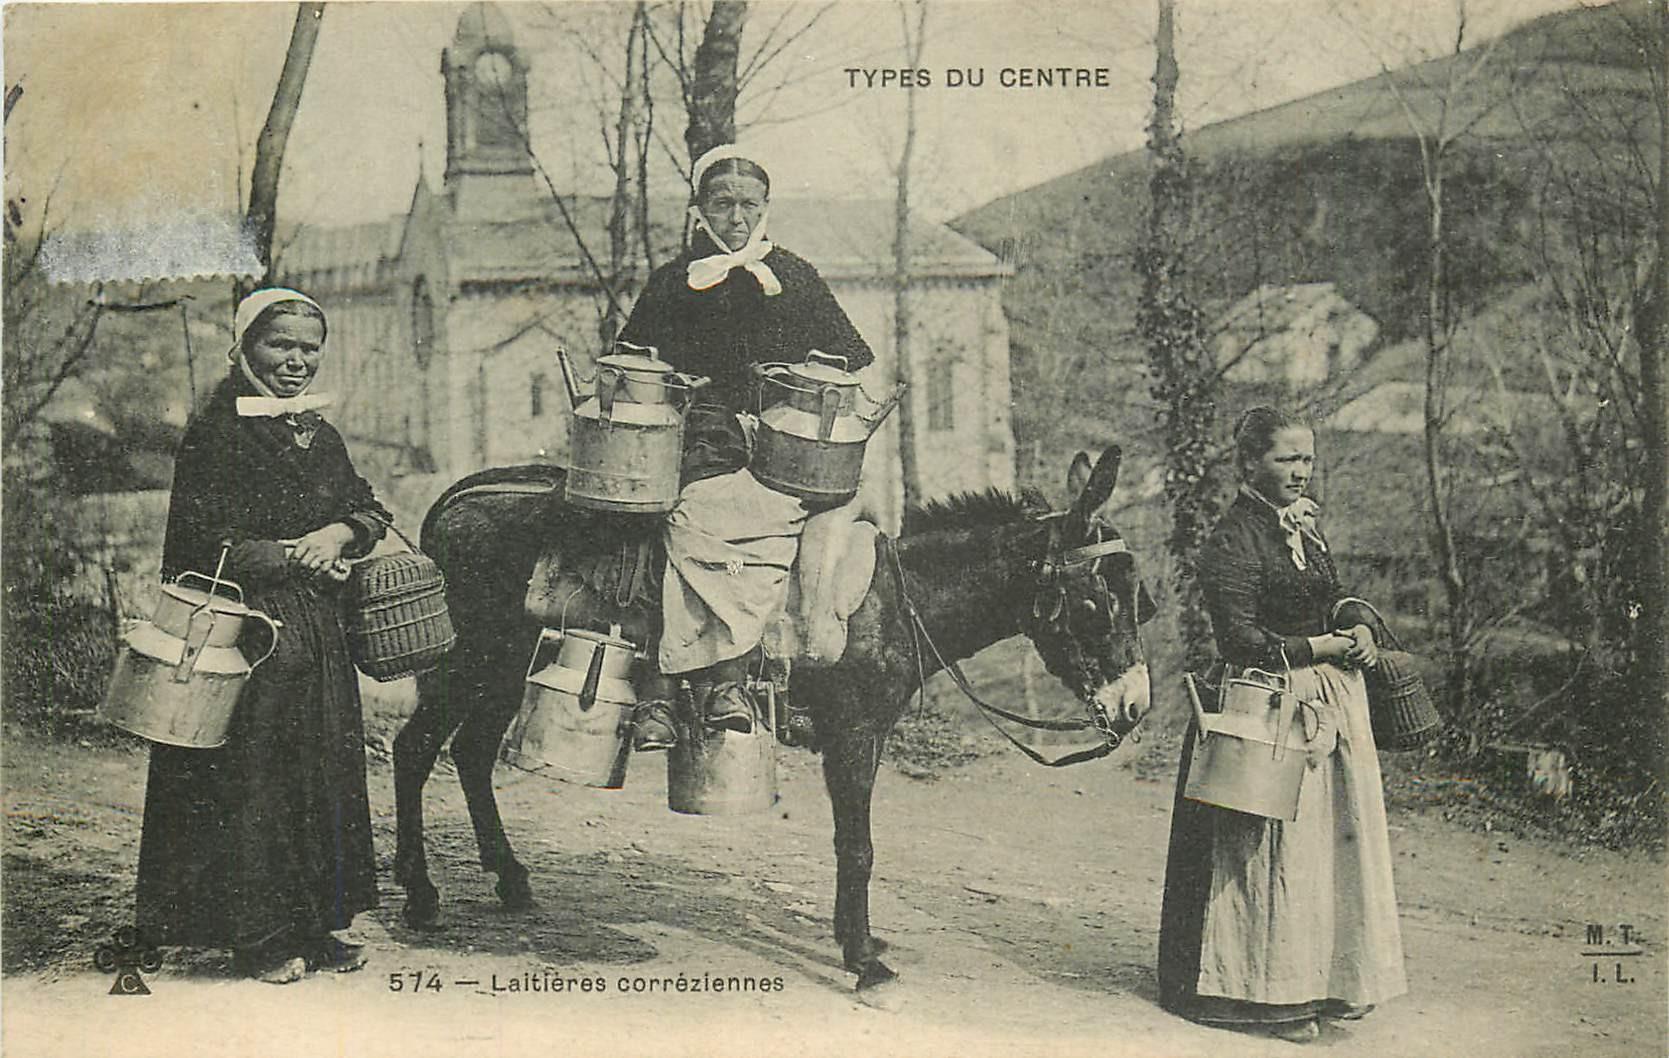 19 TYPES DU CENTRE. Laitières corréziennes 1906